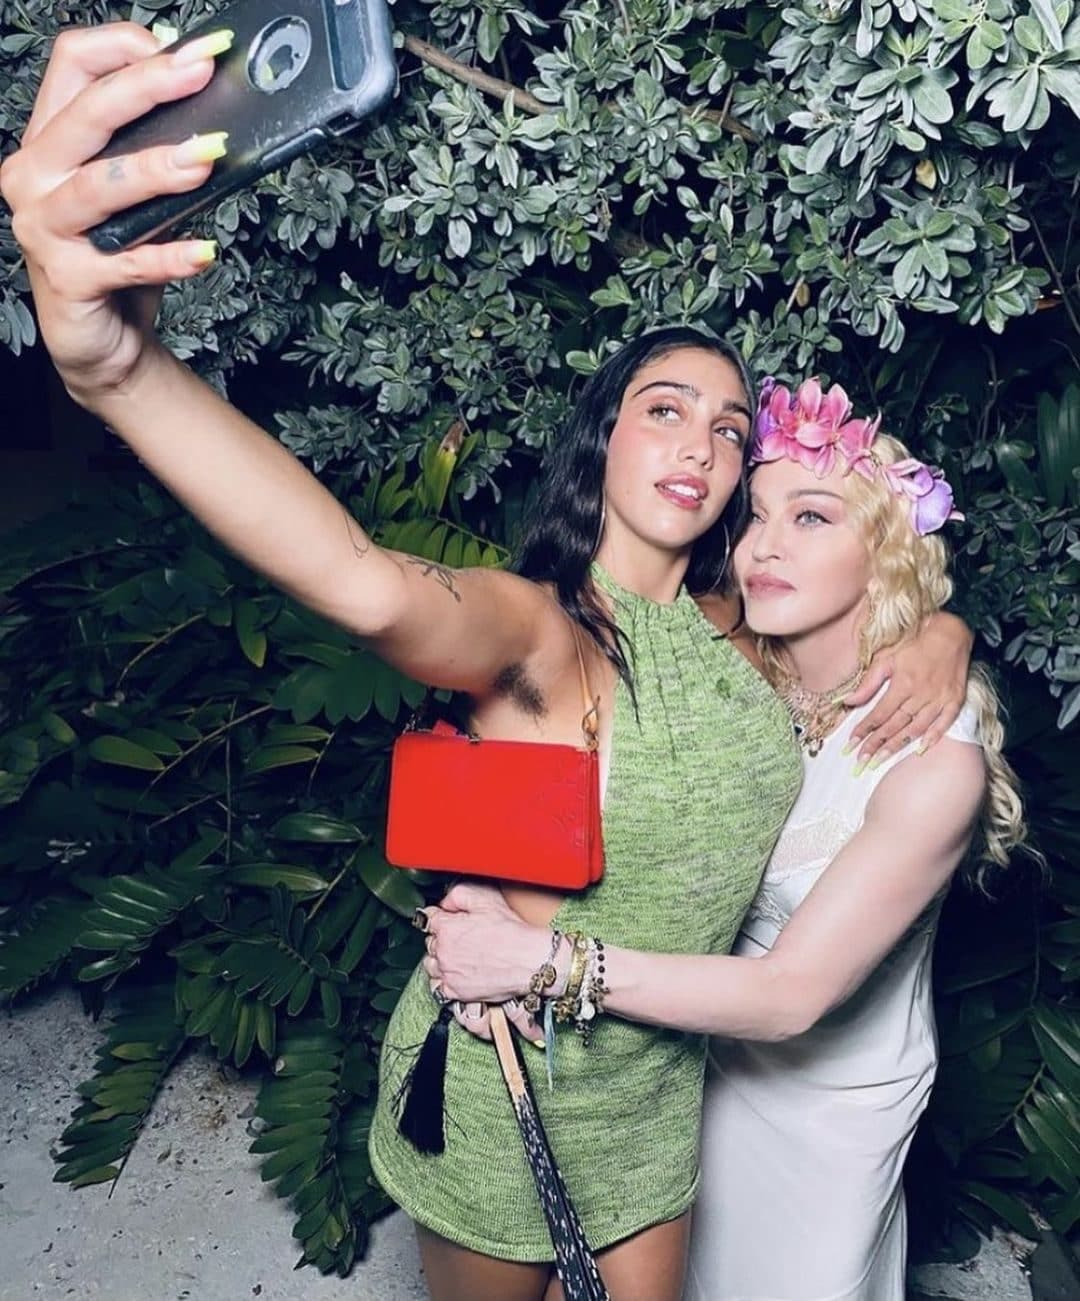 Il selfie di Lola e Madonna